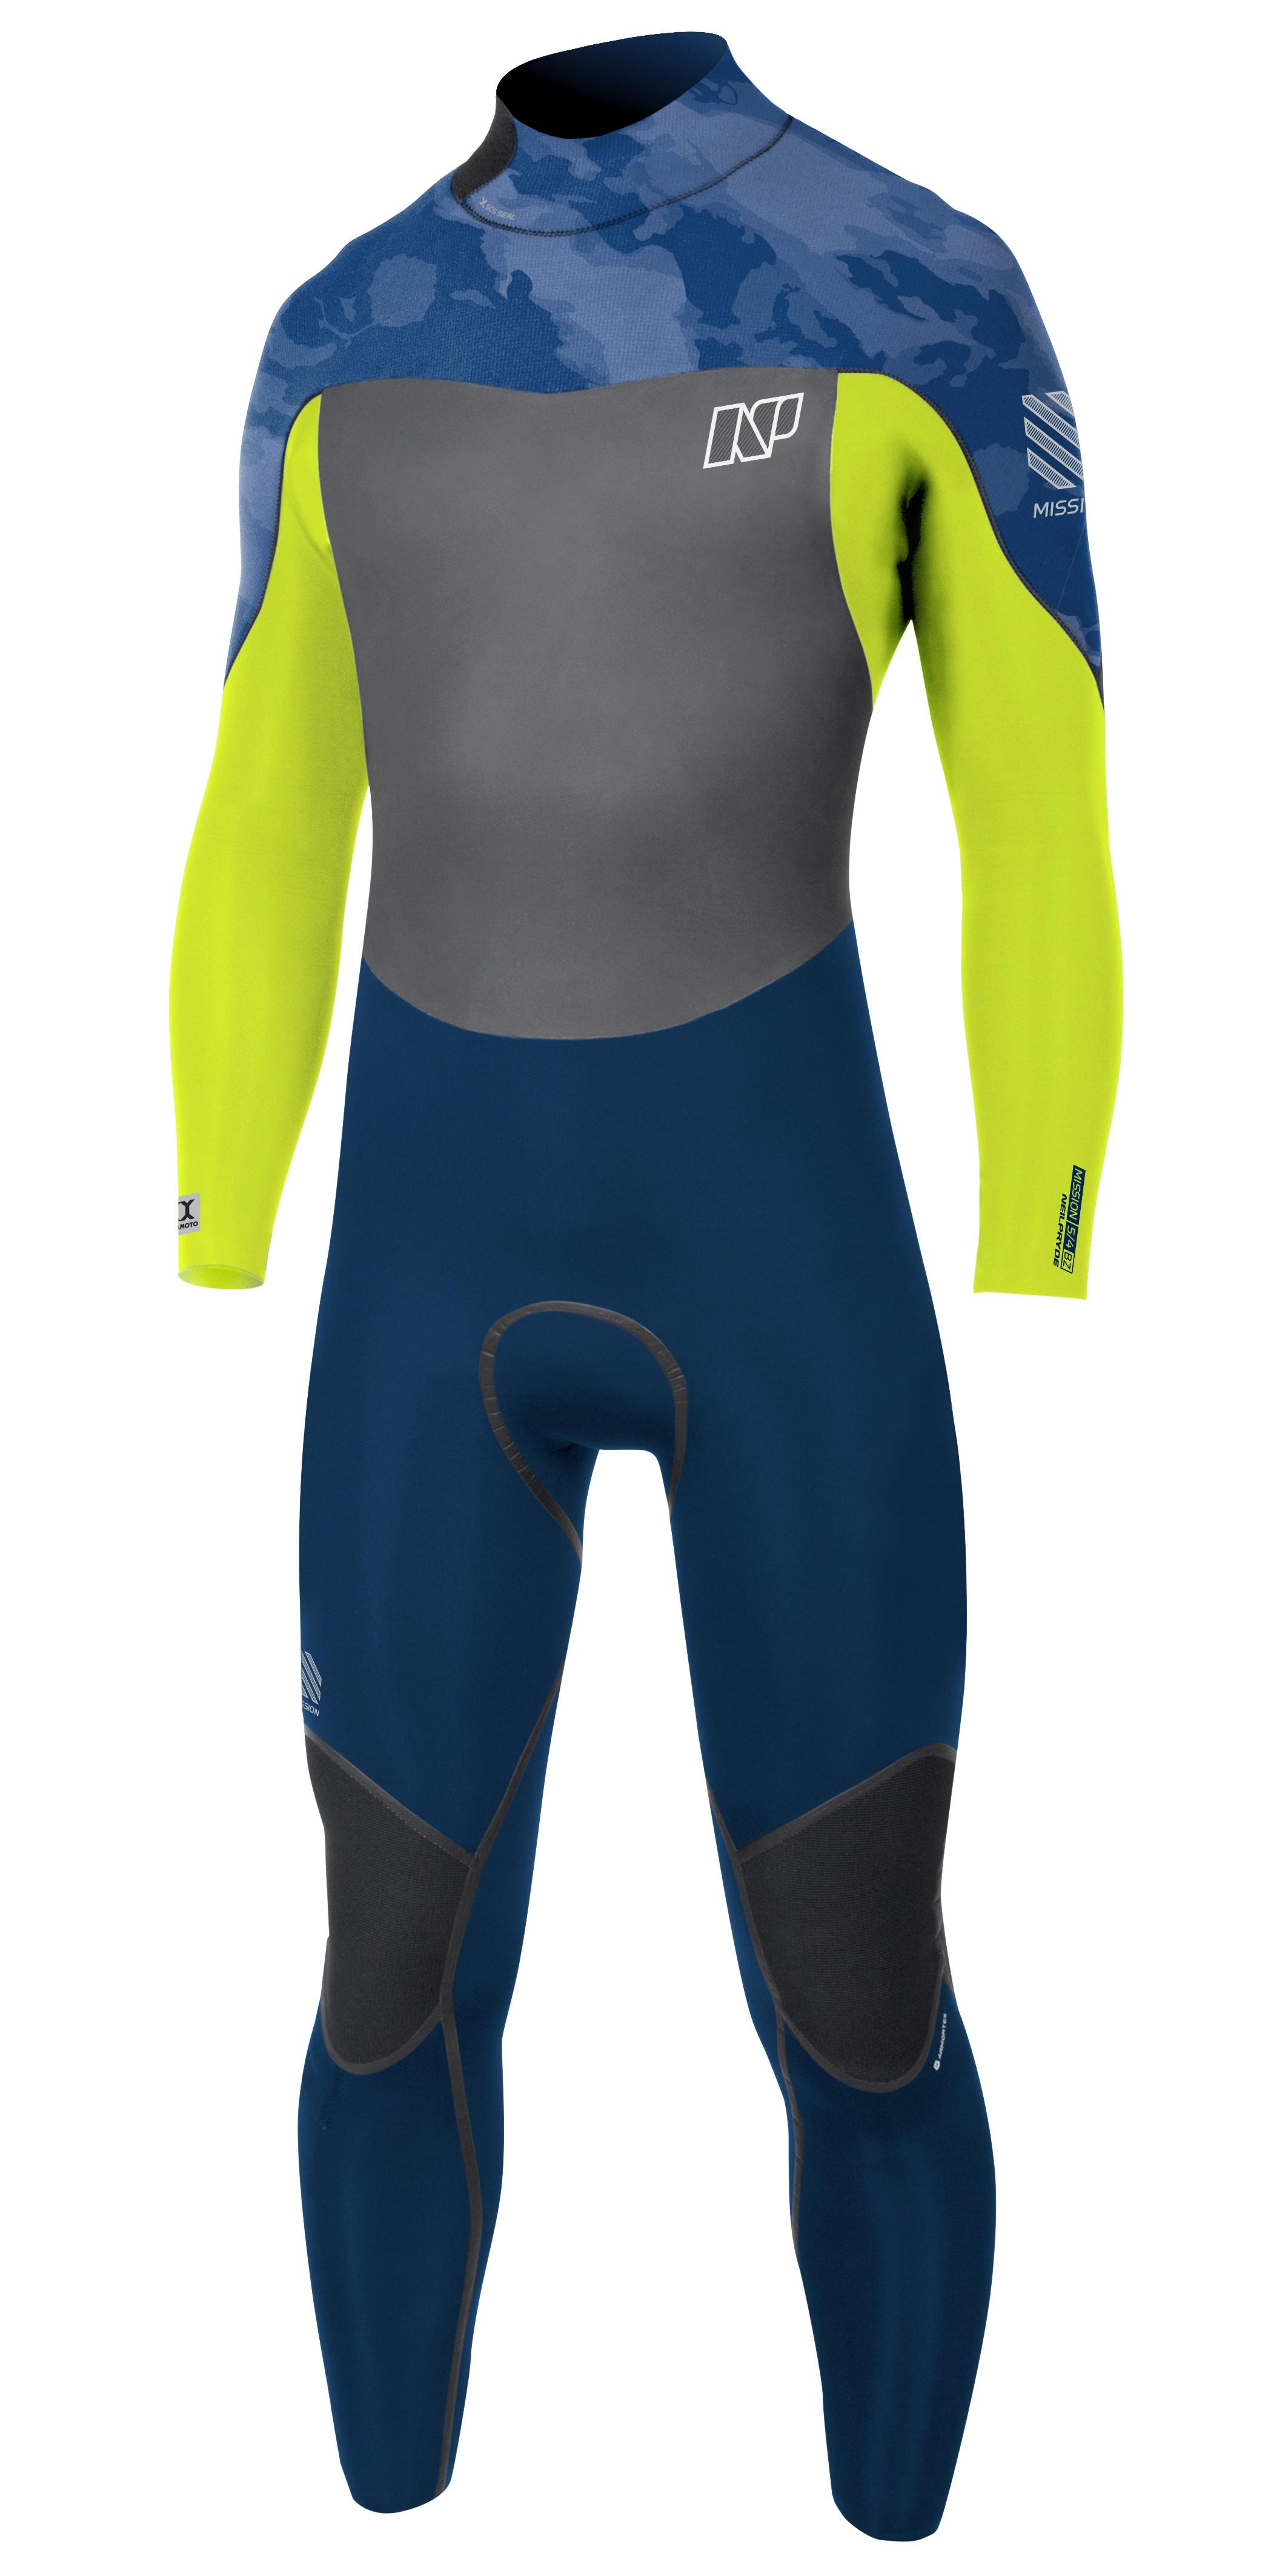 NP Mission Fullsuit 5/4/3 Backzip wetsuit Blue Camo -Lime-Navy 2018